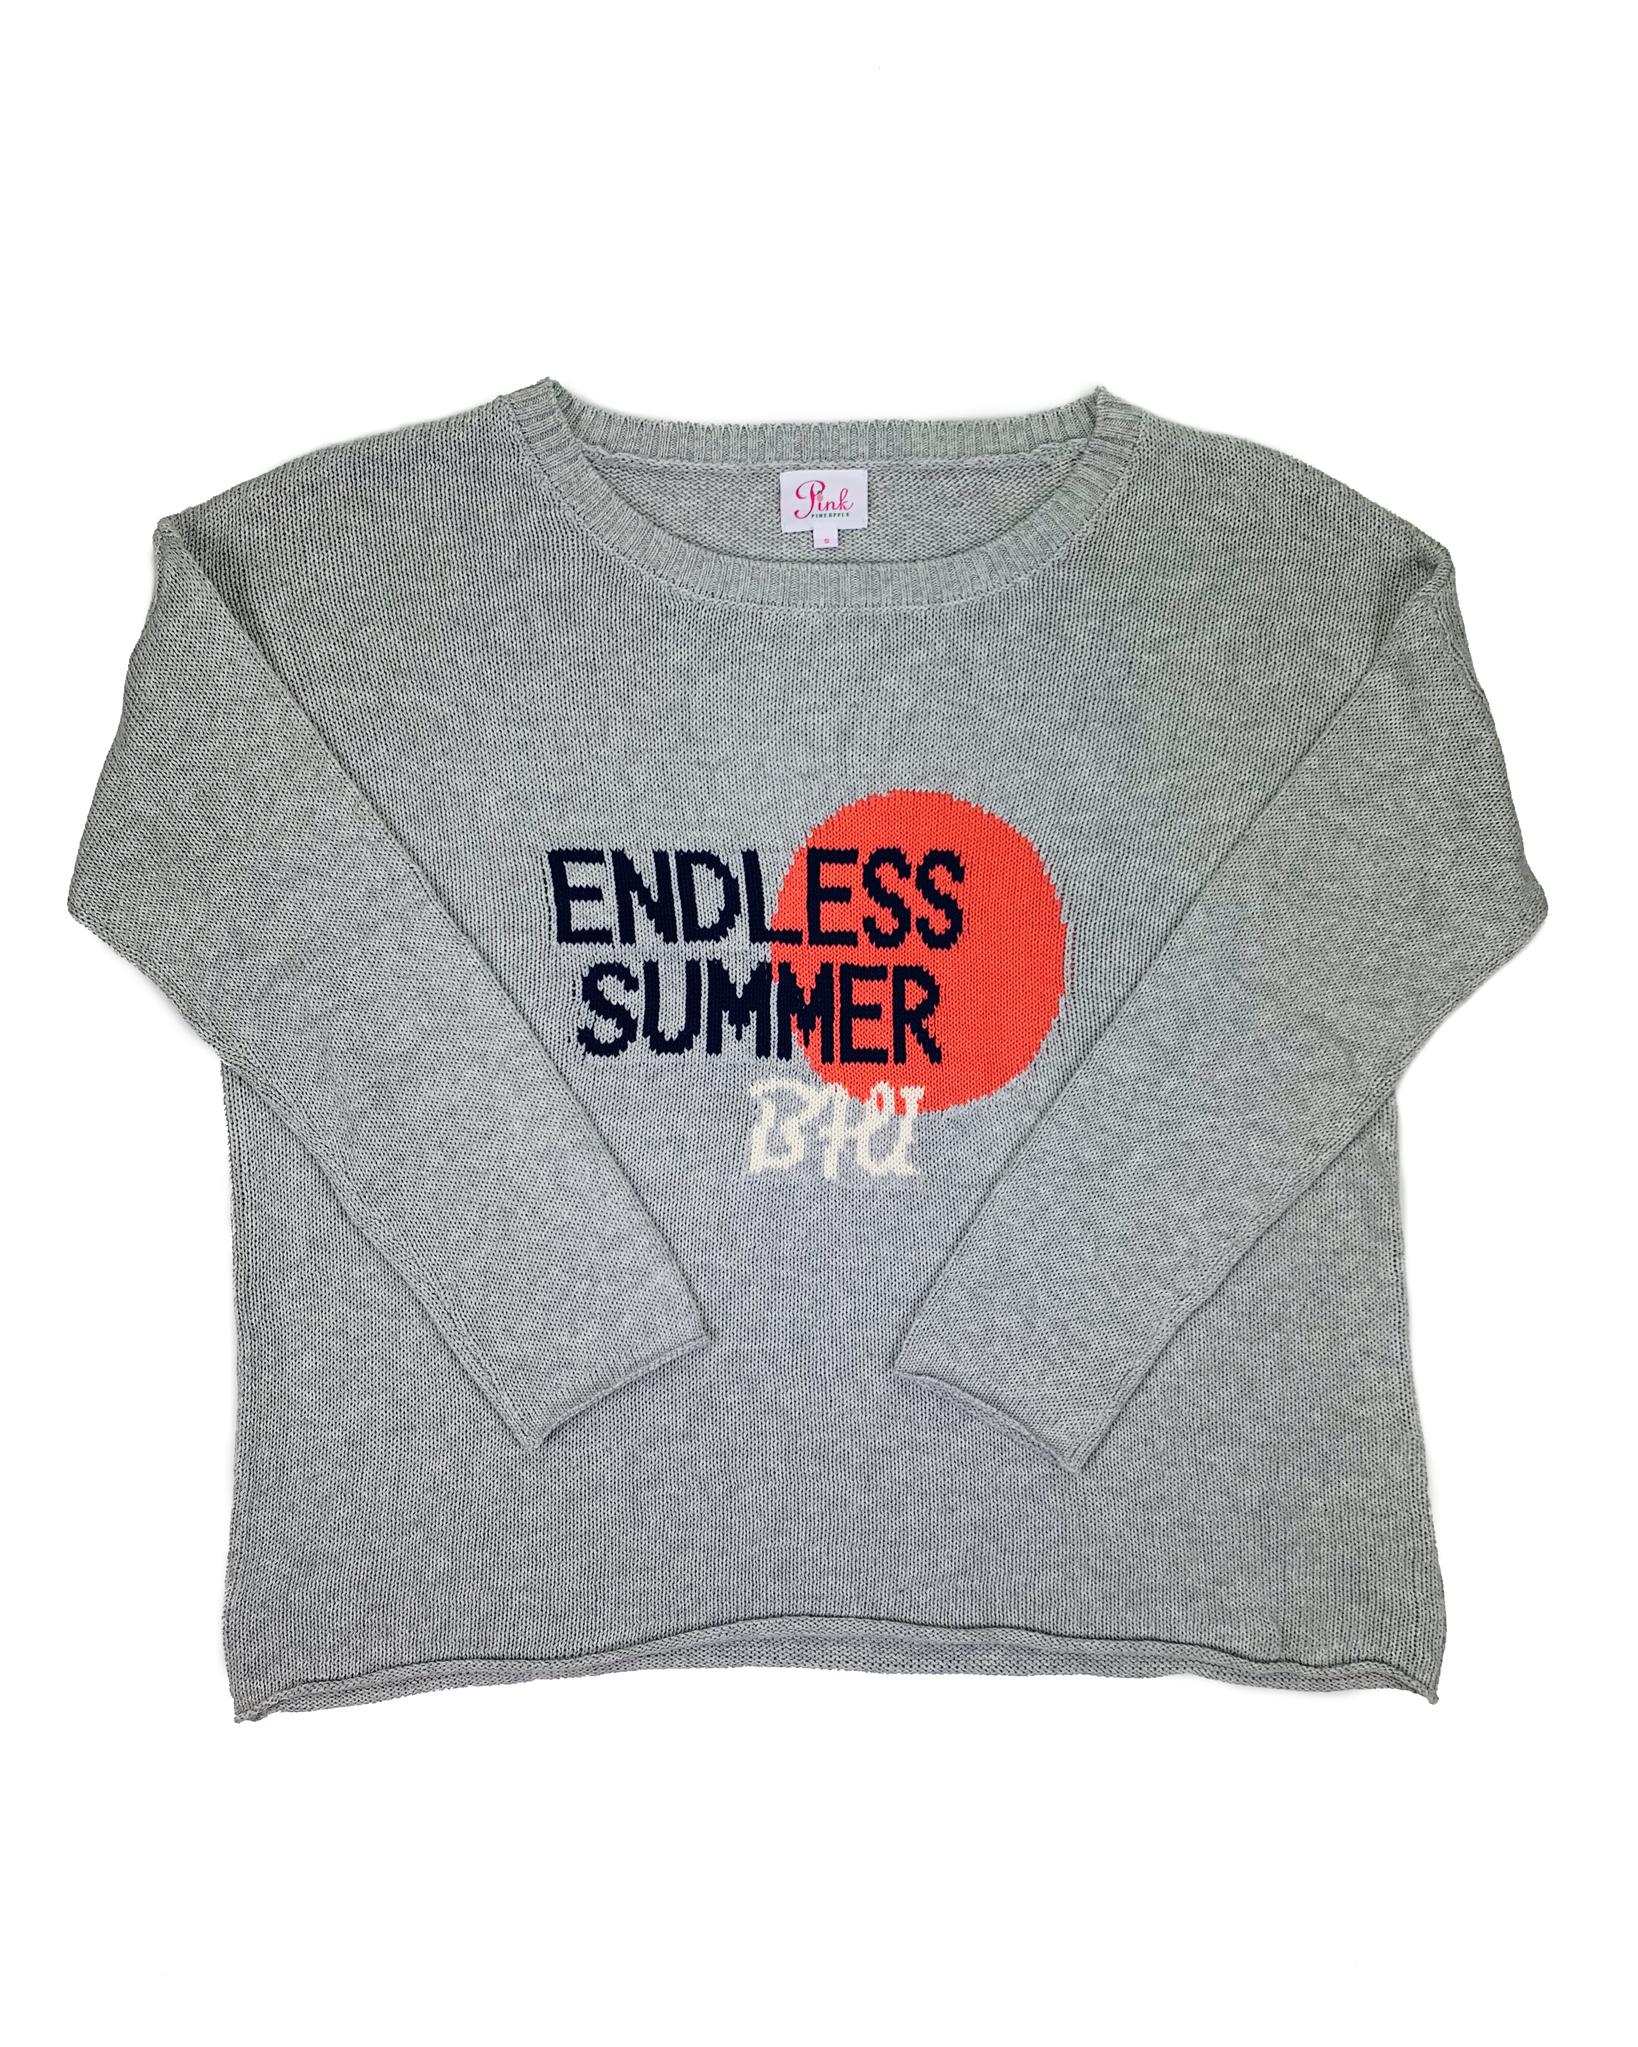 Pink Pineapple Endless Summer BHI Knit Sweater